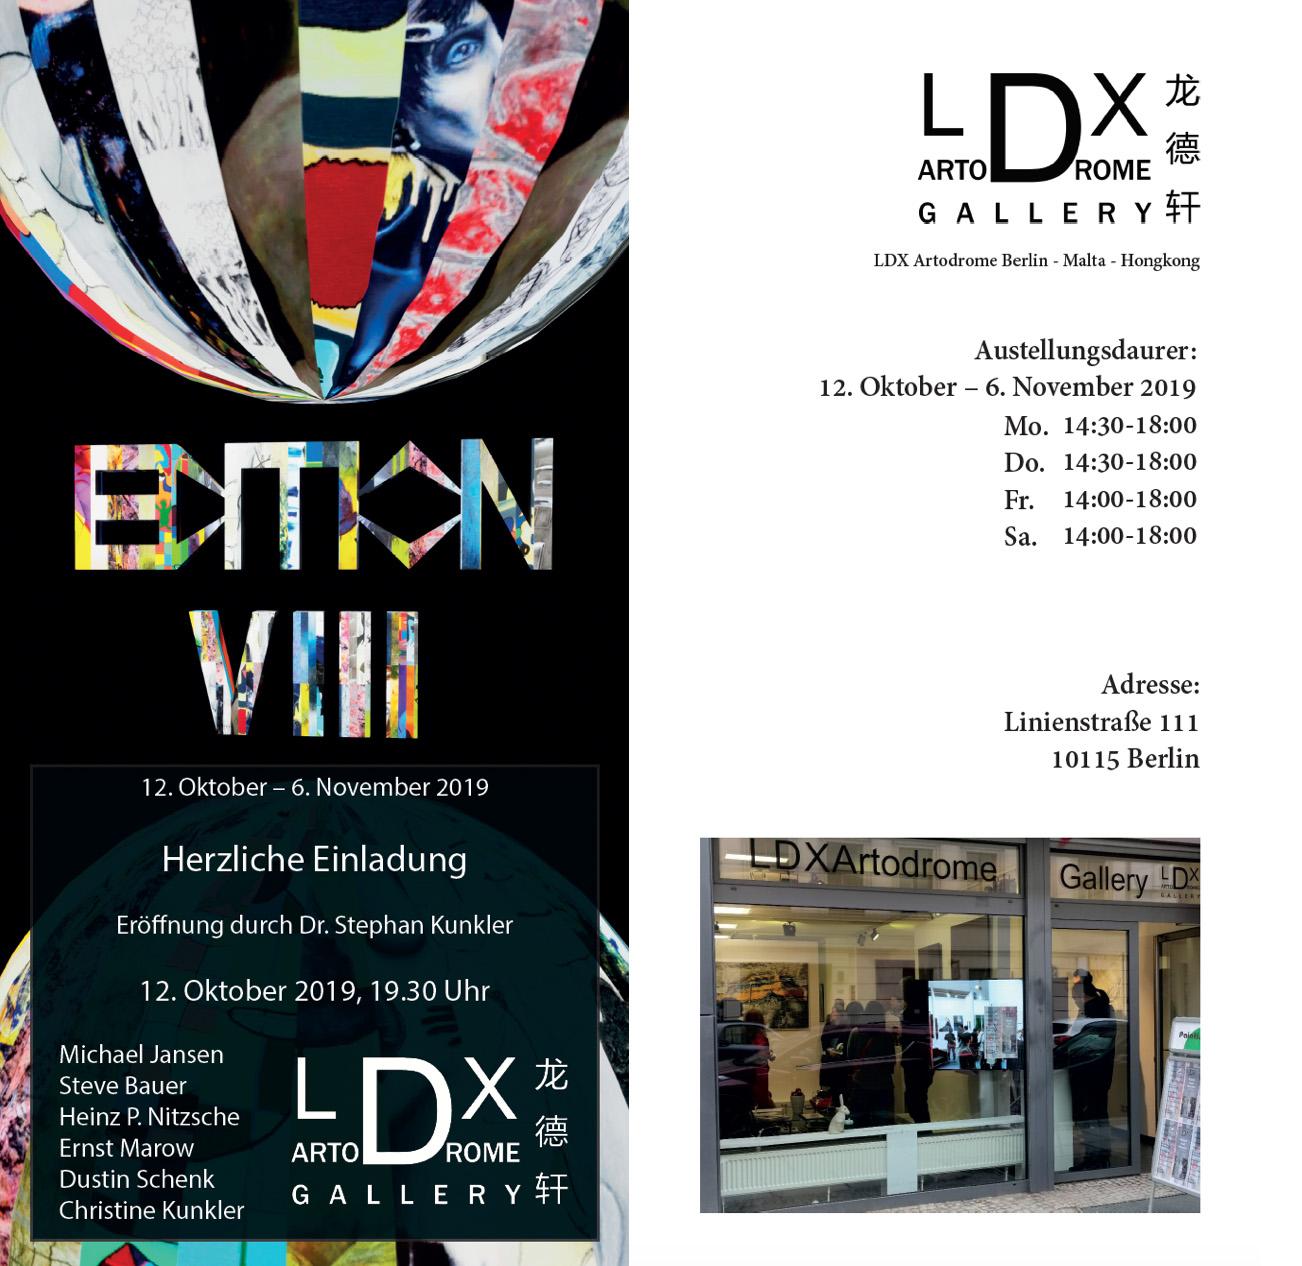 """LDX ARTODROME GALLERY – EDITION VIII """"ÜBER KUNST UND ÄSTHETIK"""", BERLIN, DEUTSCHLAND"""